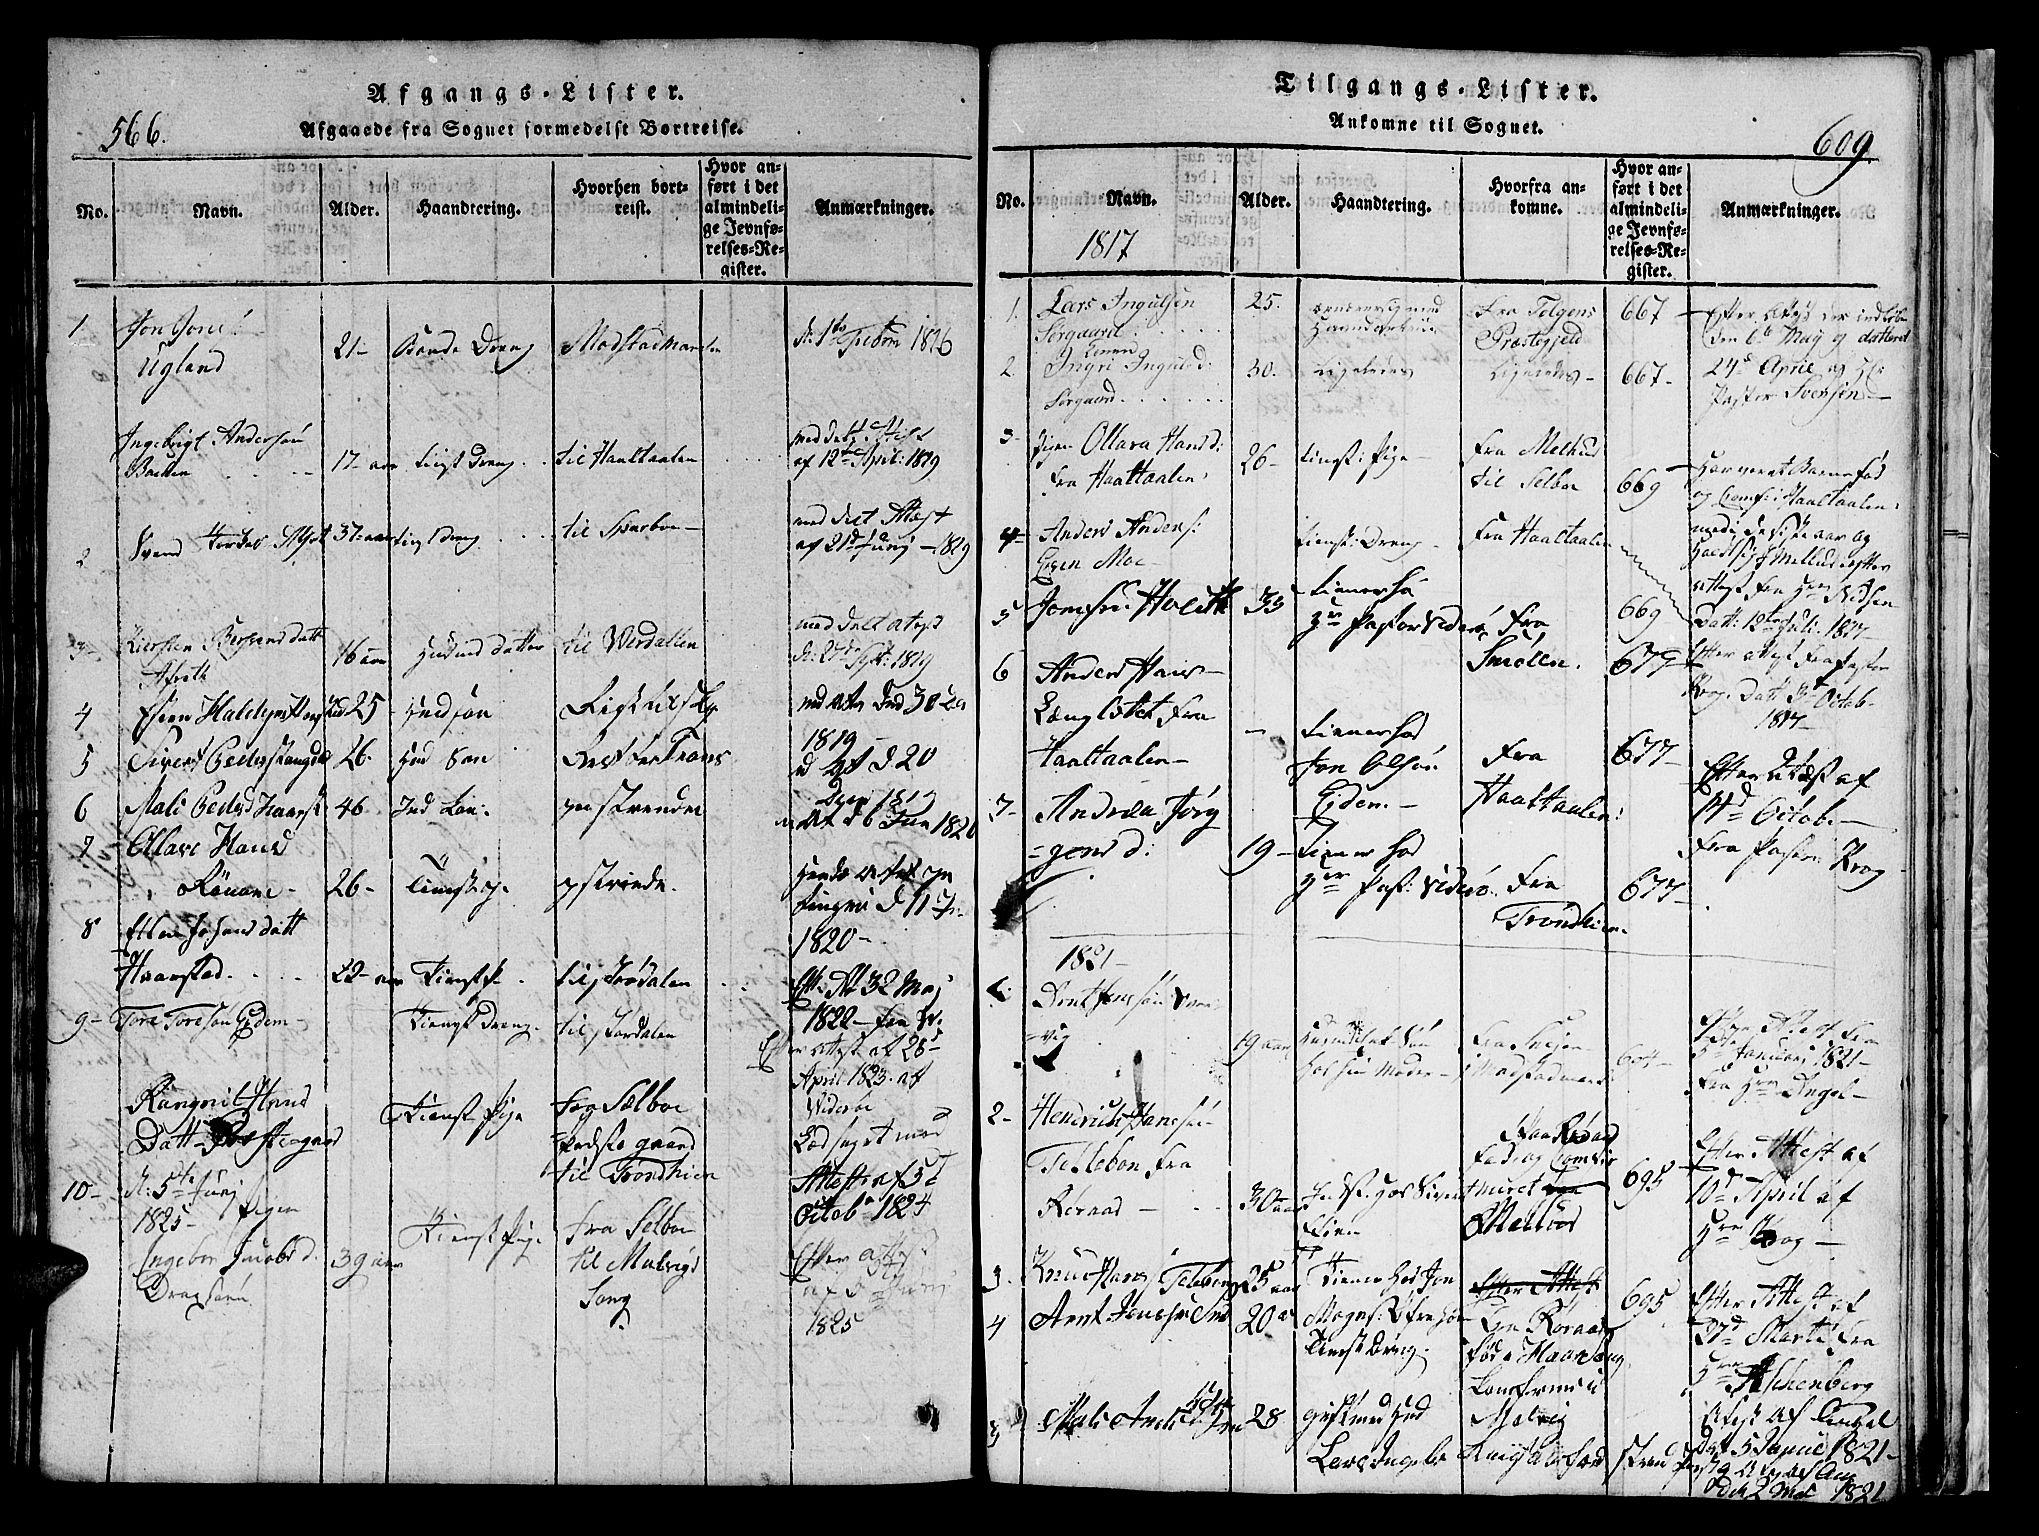 SAT, Ministerialprotokoller, klokkerbøker og fødselsregistre - Sør-Trøndelag, 695/L1152: Klokkerbok nr. 695C03, 1816-1831, s. 566-609